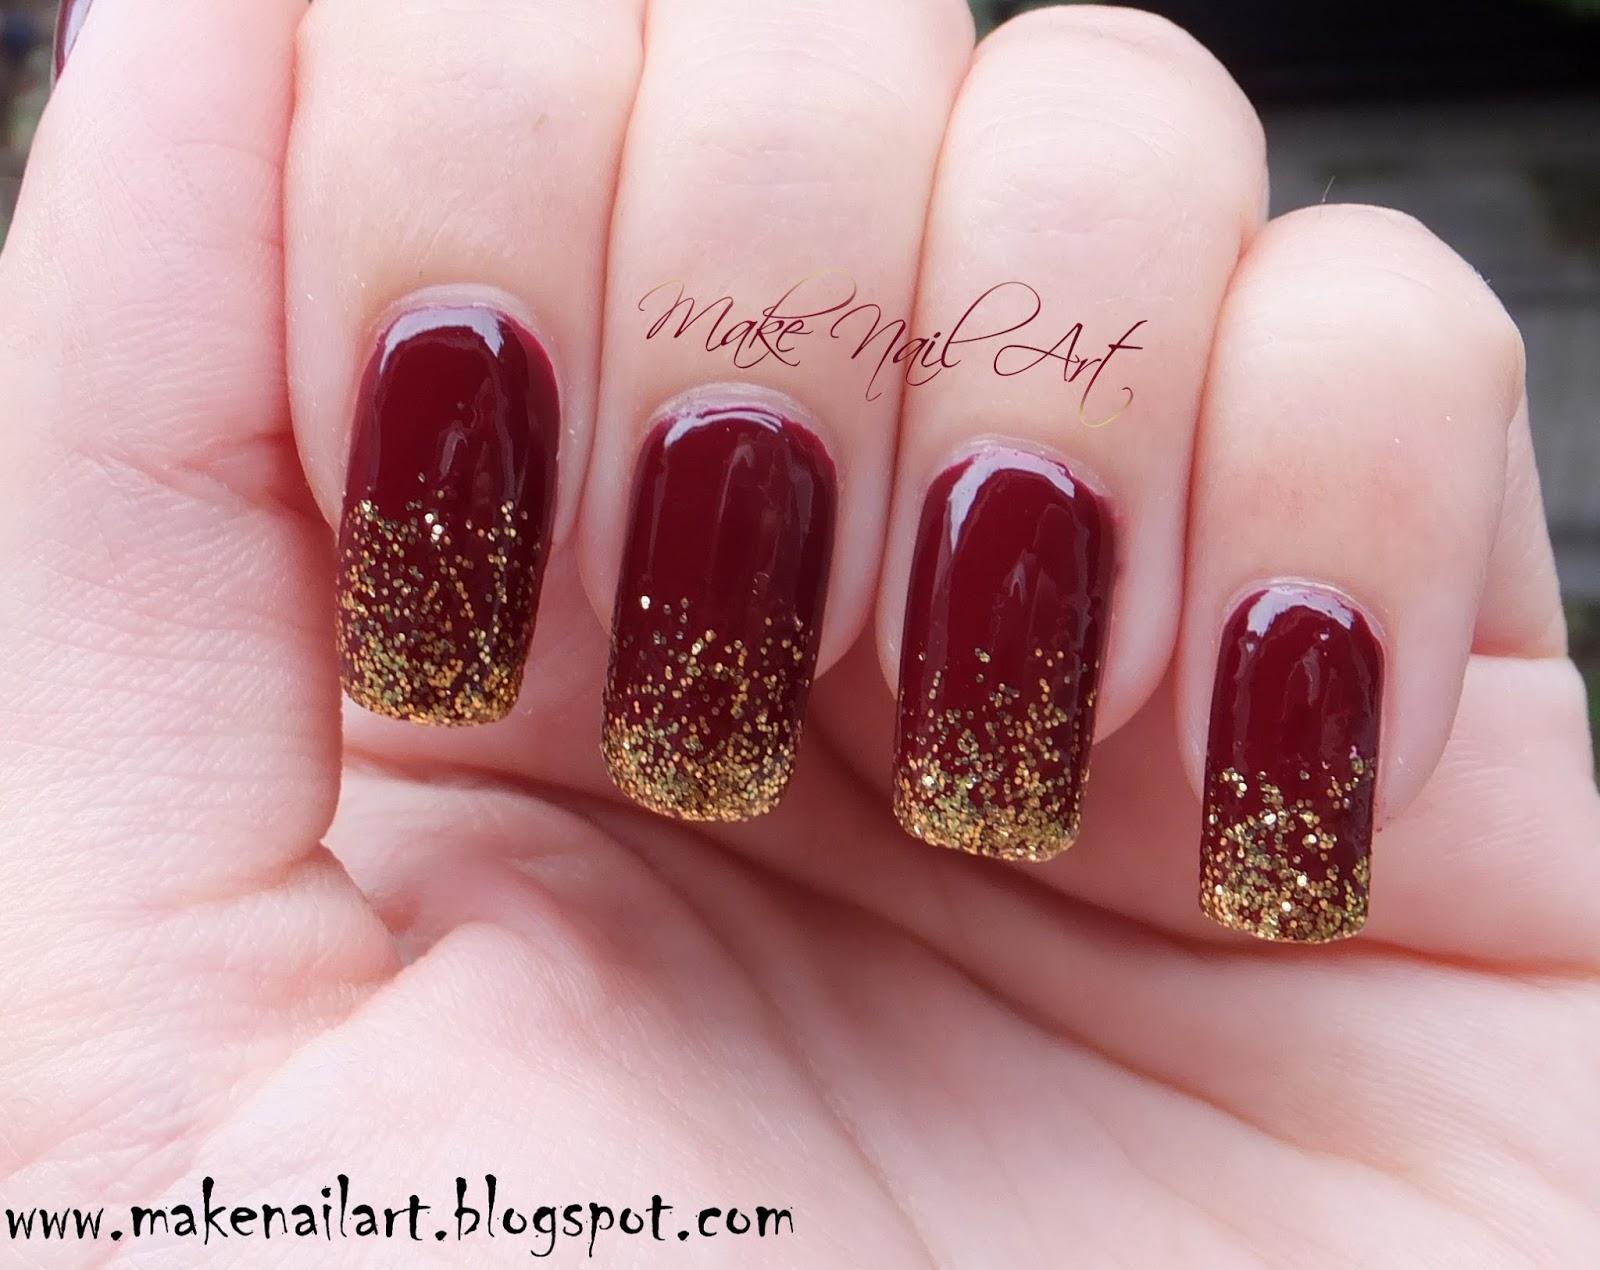 Make Nail Art: September 2015